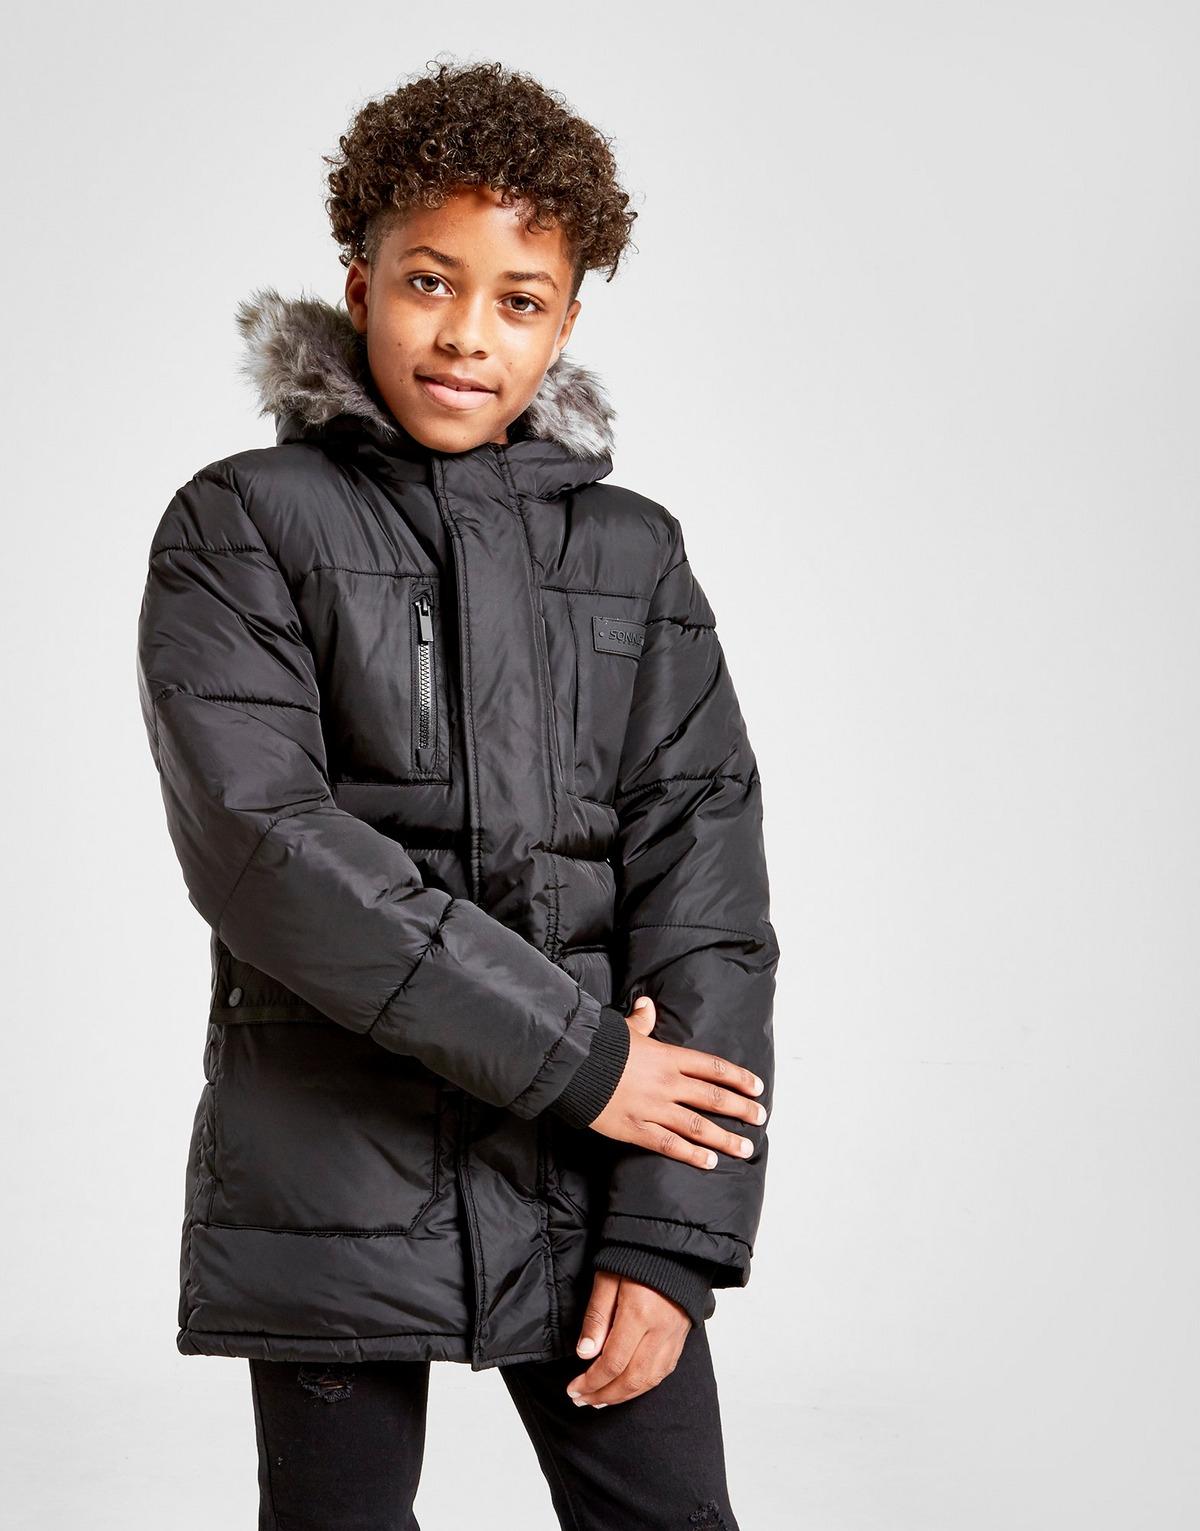 Sonneti Reflective Parka Junior - £12 / £15.99 delivered using code @ JD Sports